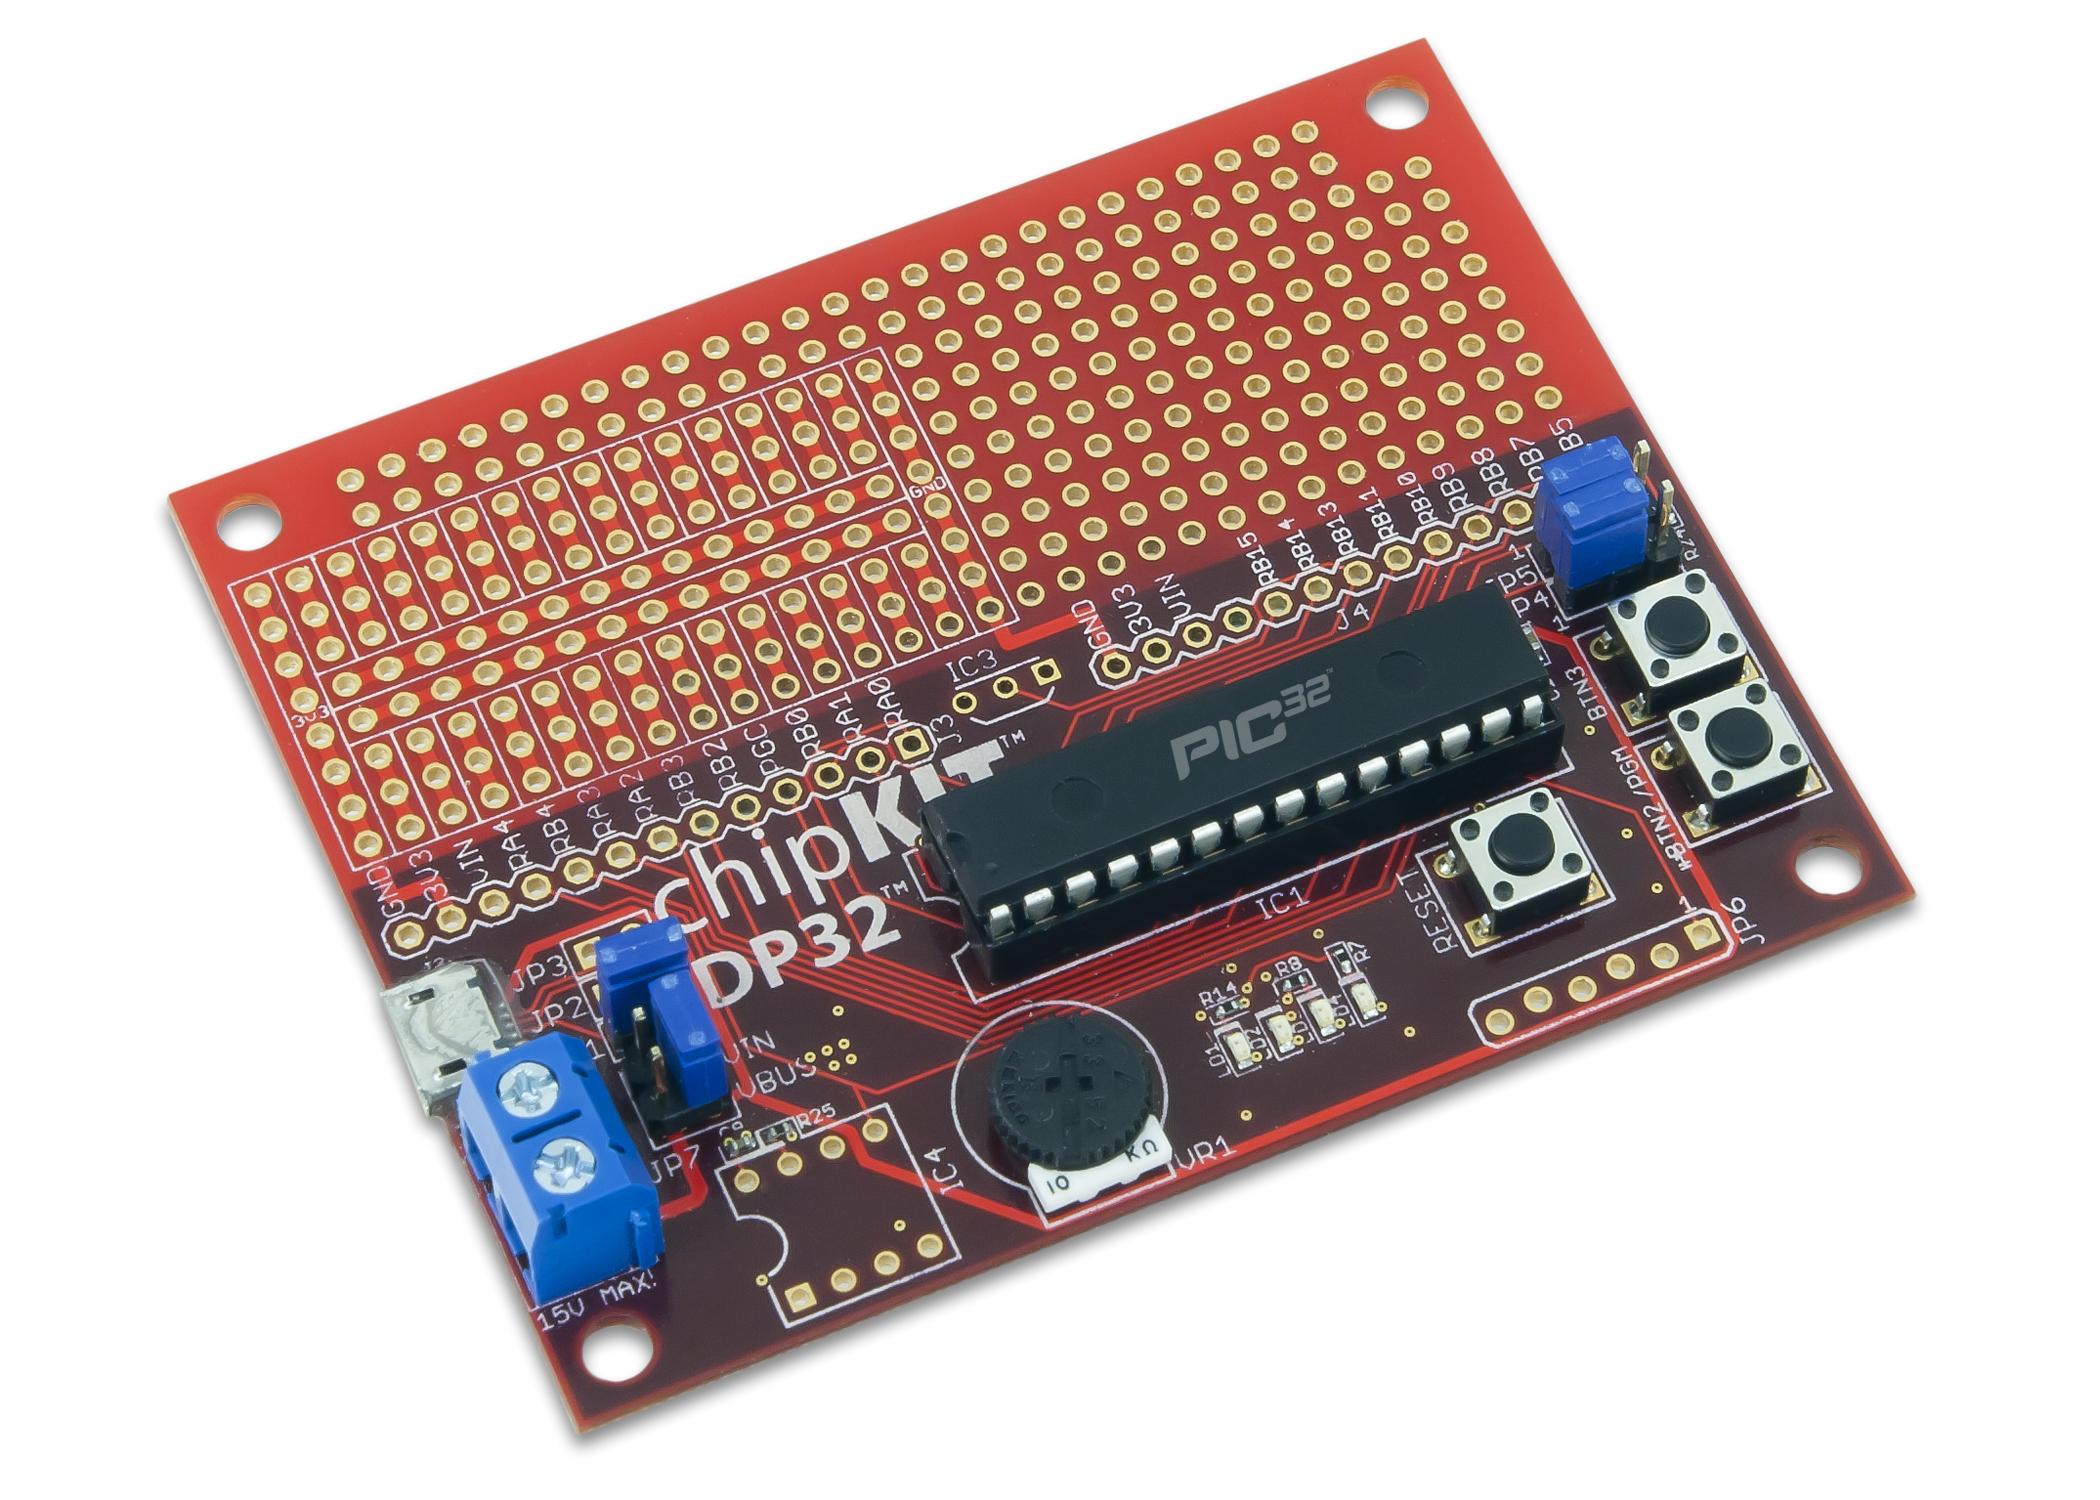 chipkit_mx3:chipkit-dp32-obl-2100.jpg